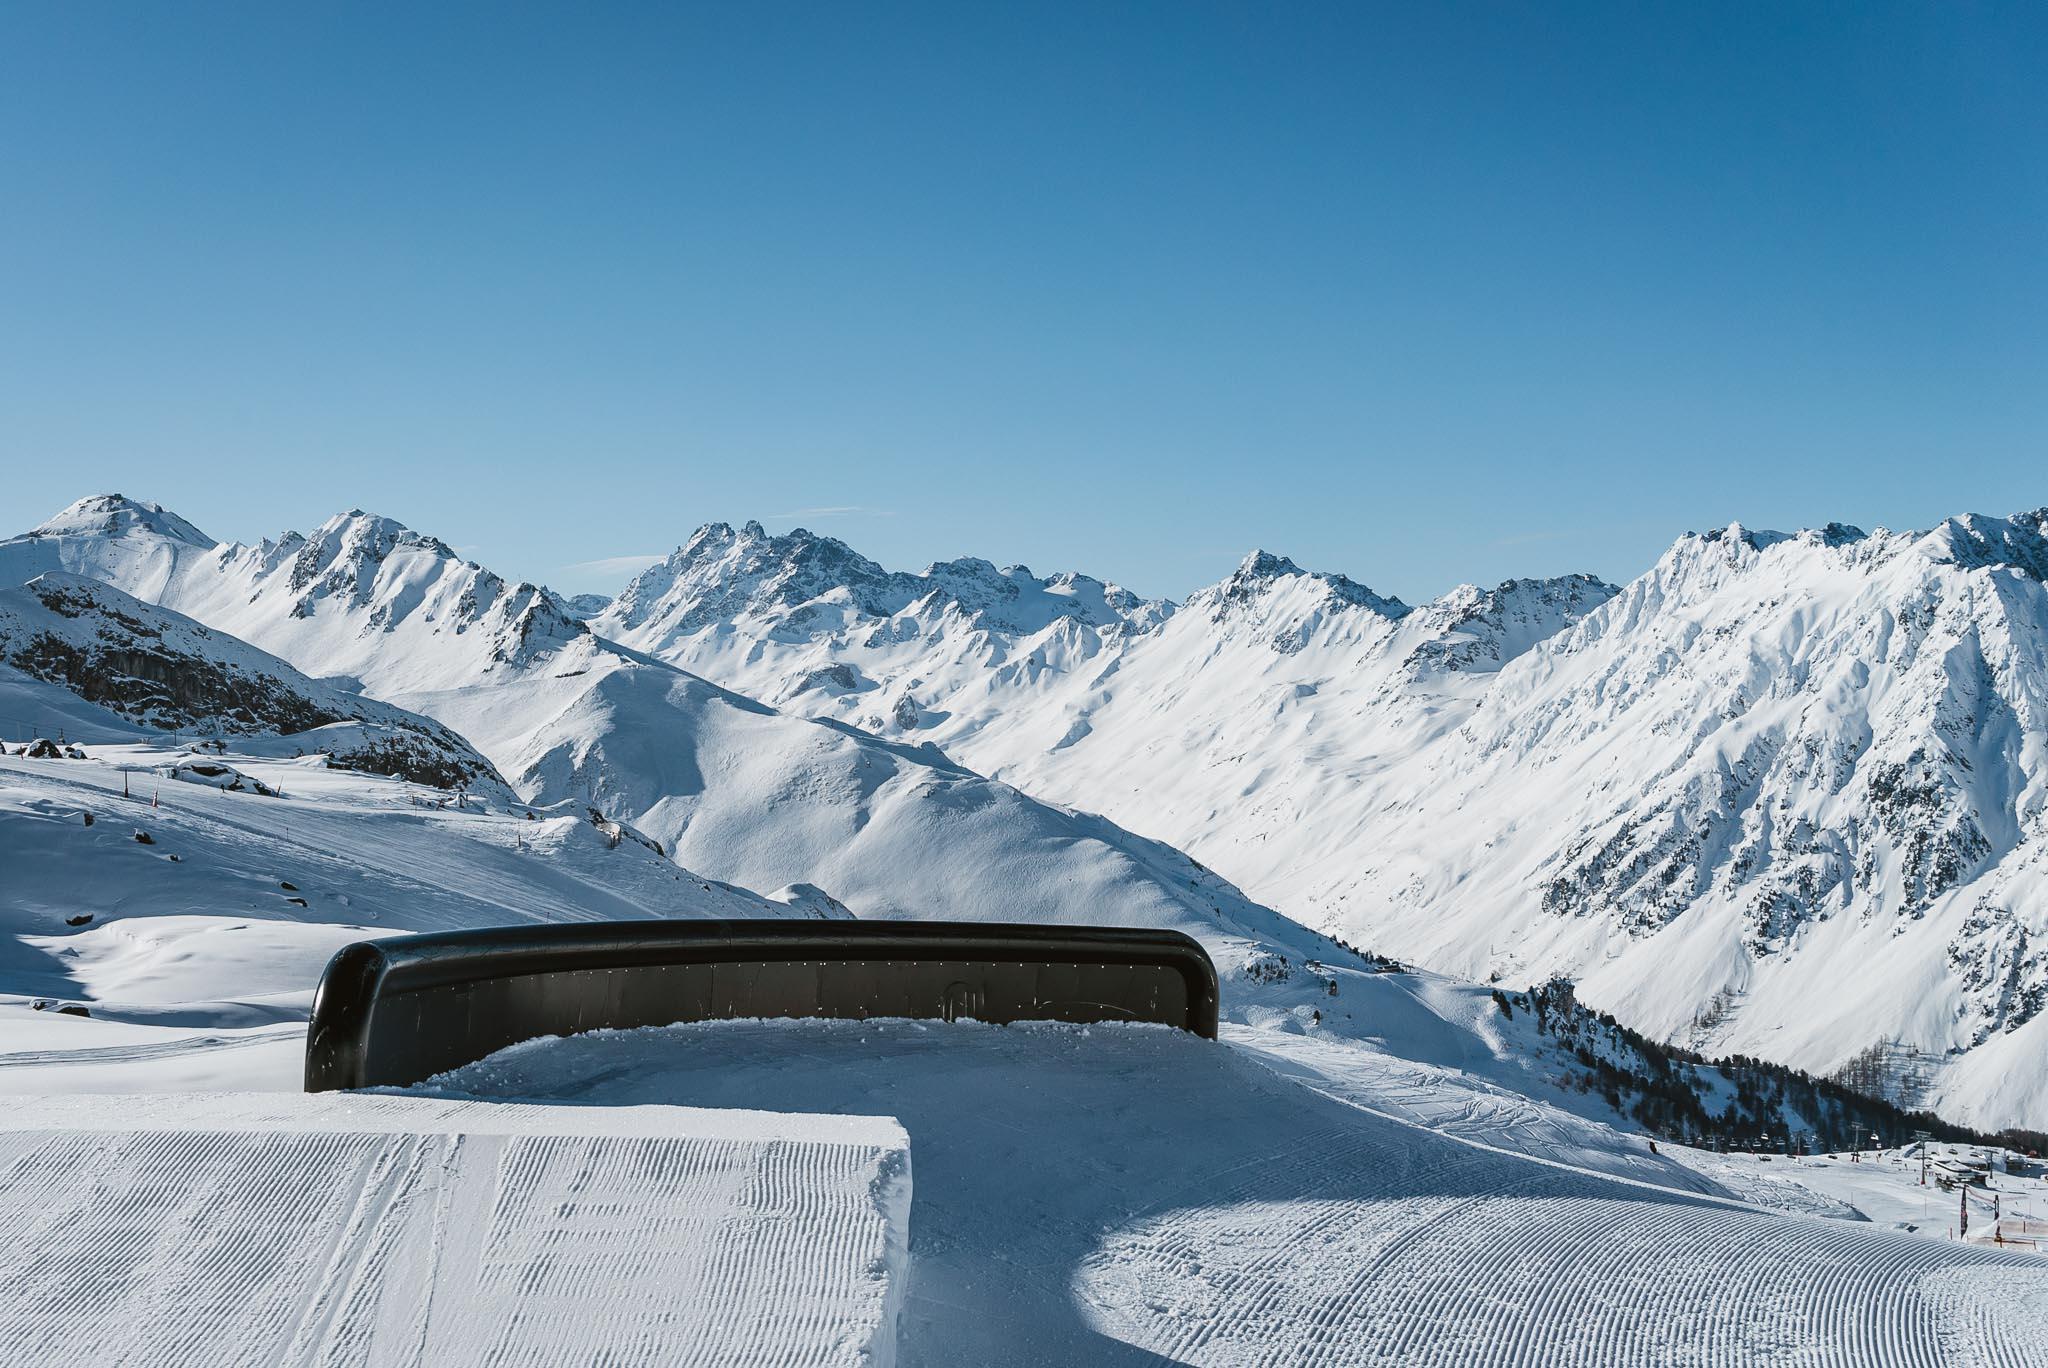 Dieses ausgewachsene C Rail ist das erste Feature für fortgeschrittene Fahrer im Ischgl Snowpark.